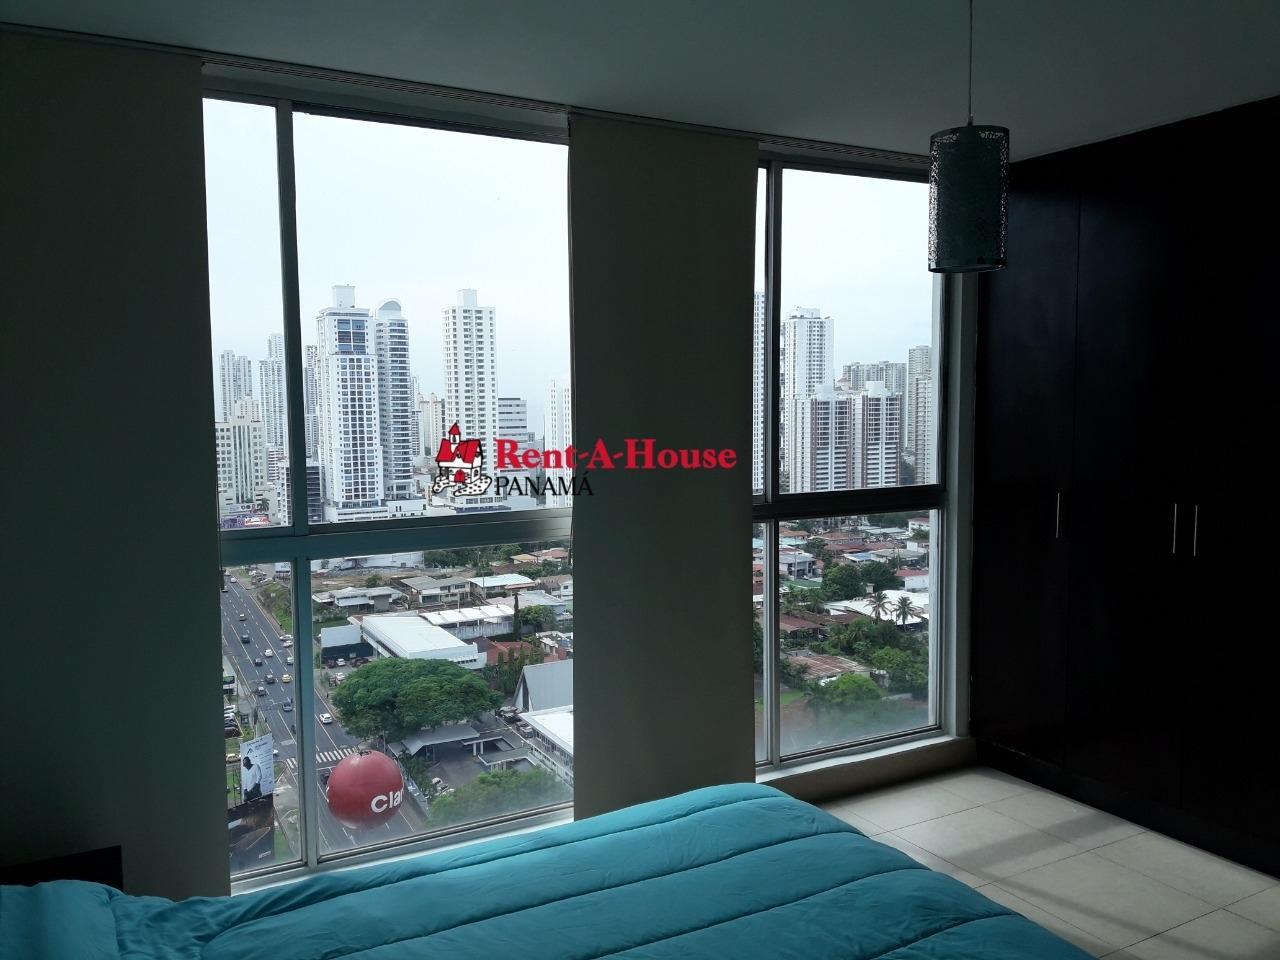 Apartamento En Venta En Panama En San Francisco - Código: 18-6672